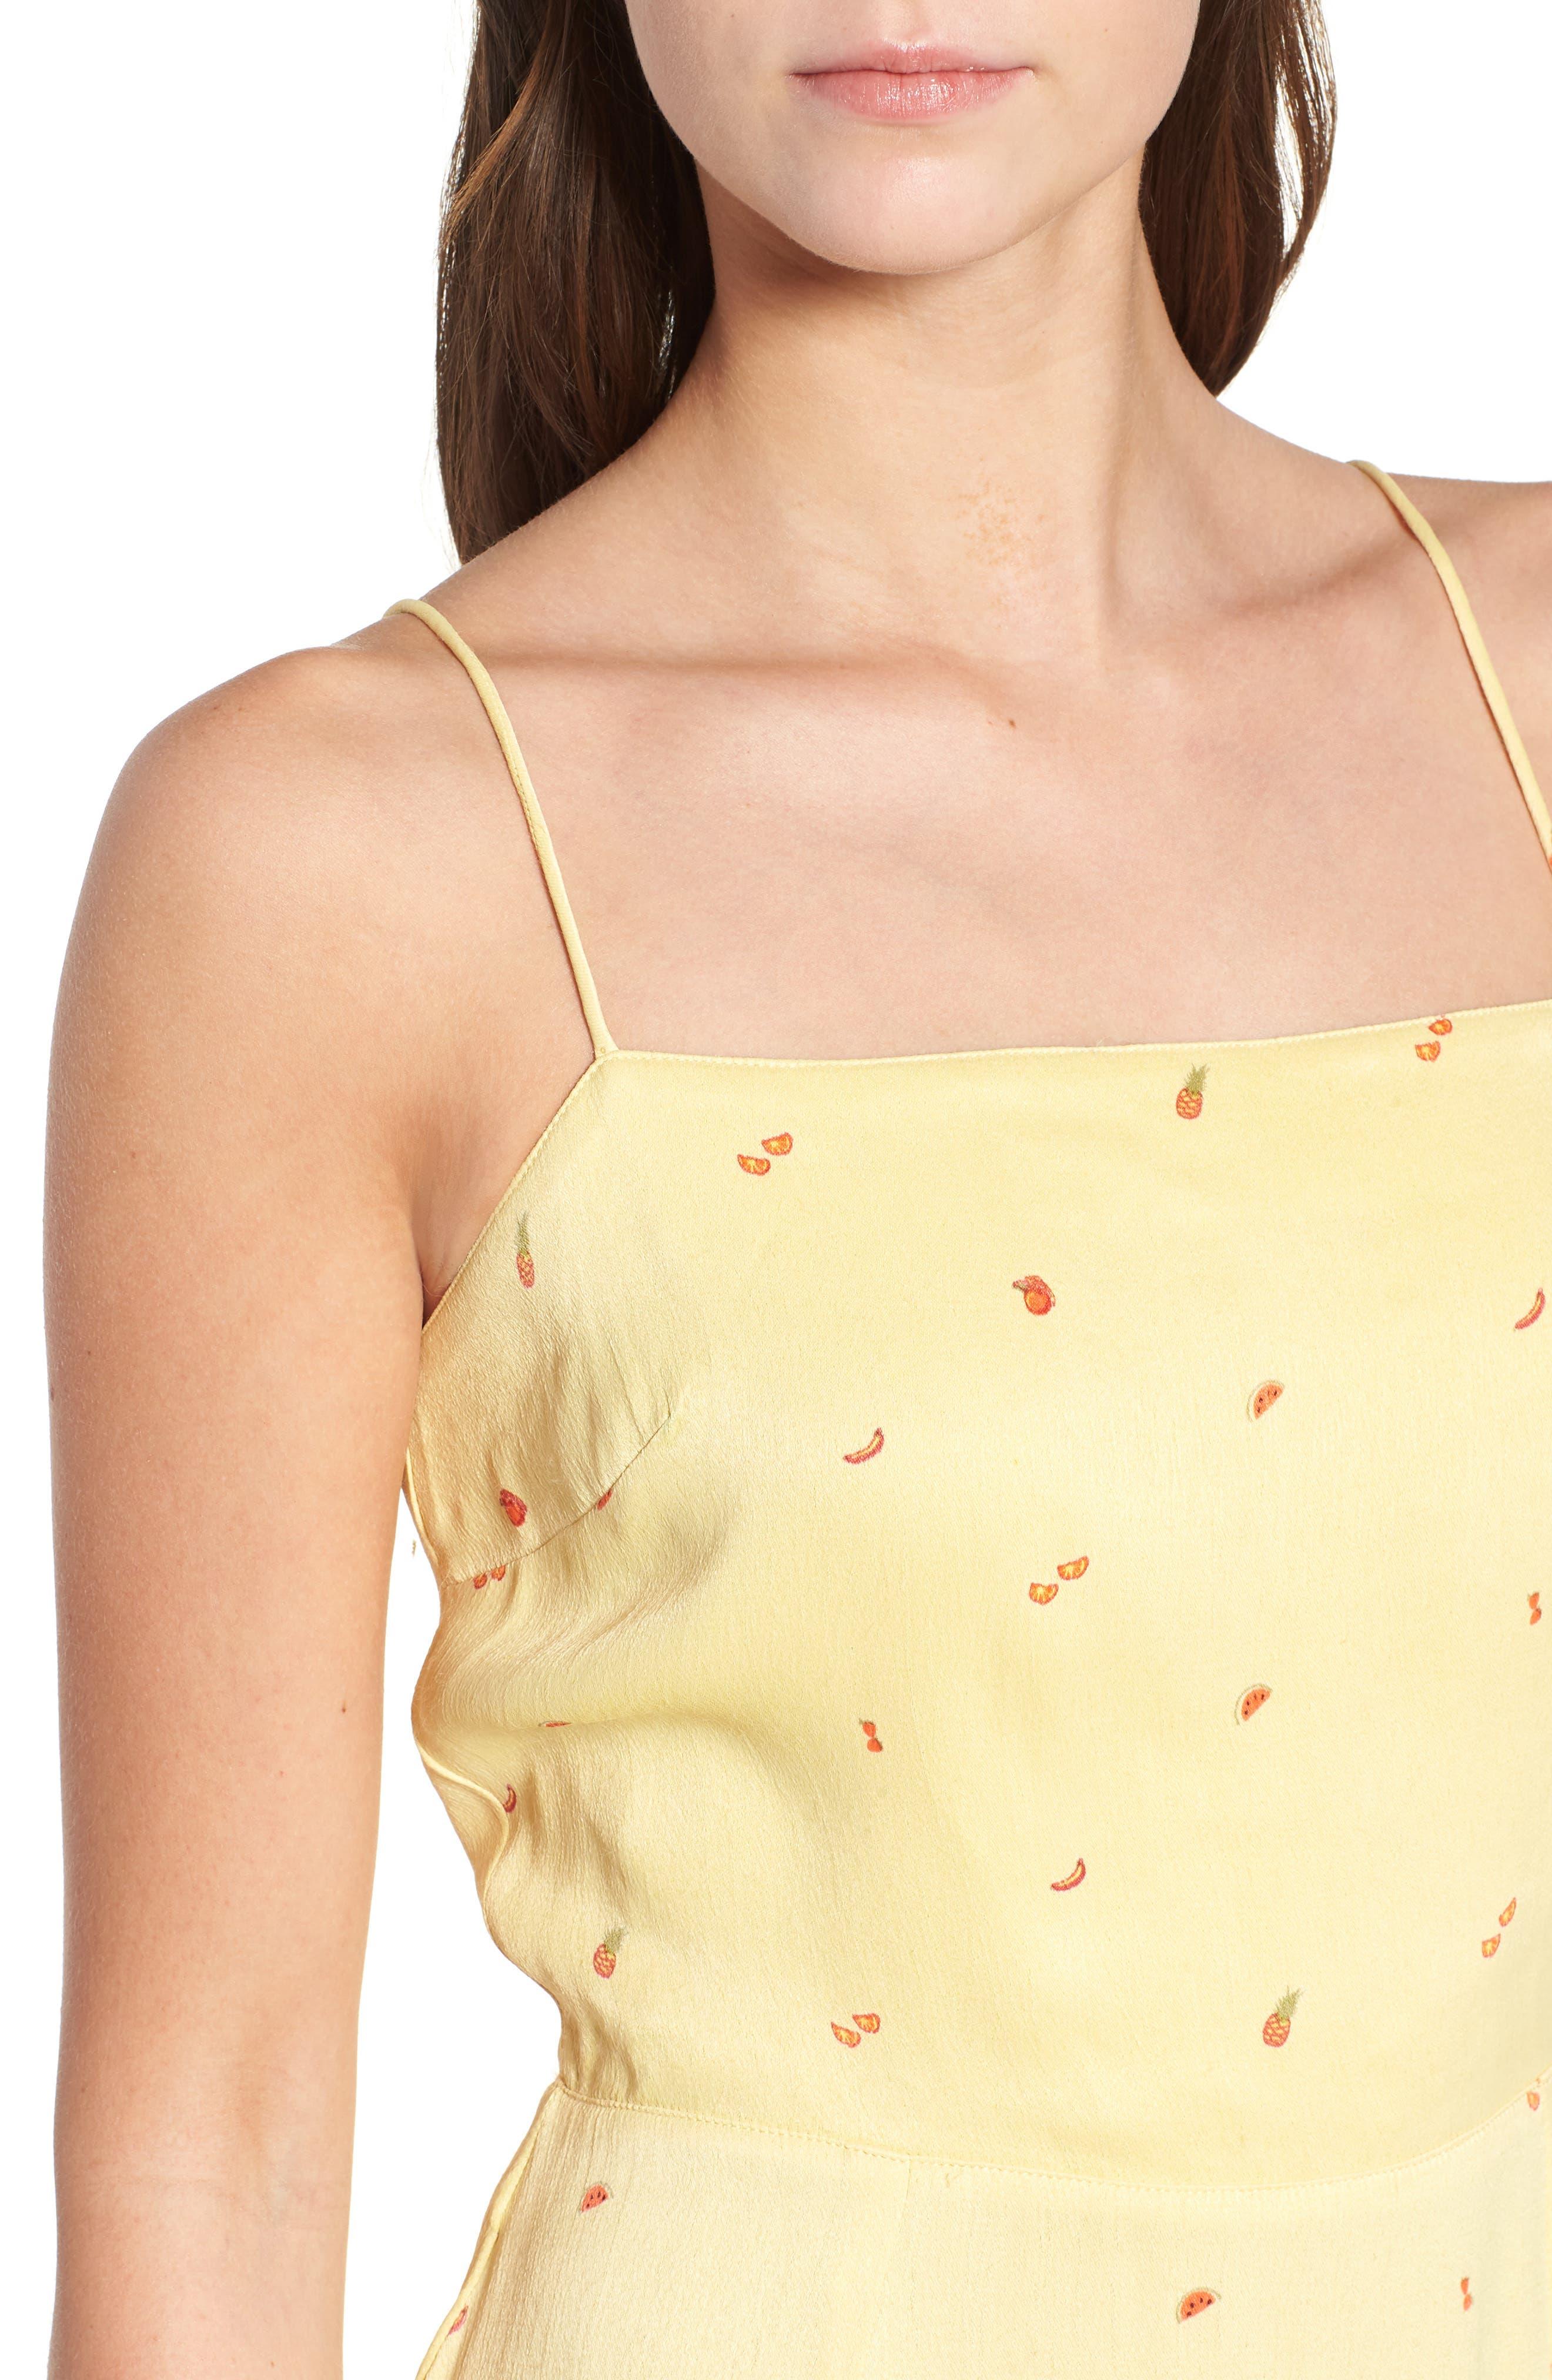 Shilo Fruit Print Minidress,                             Alternate thumbnail 4, color,                             Yellow Multi